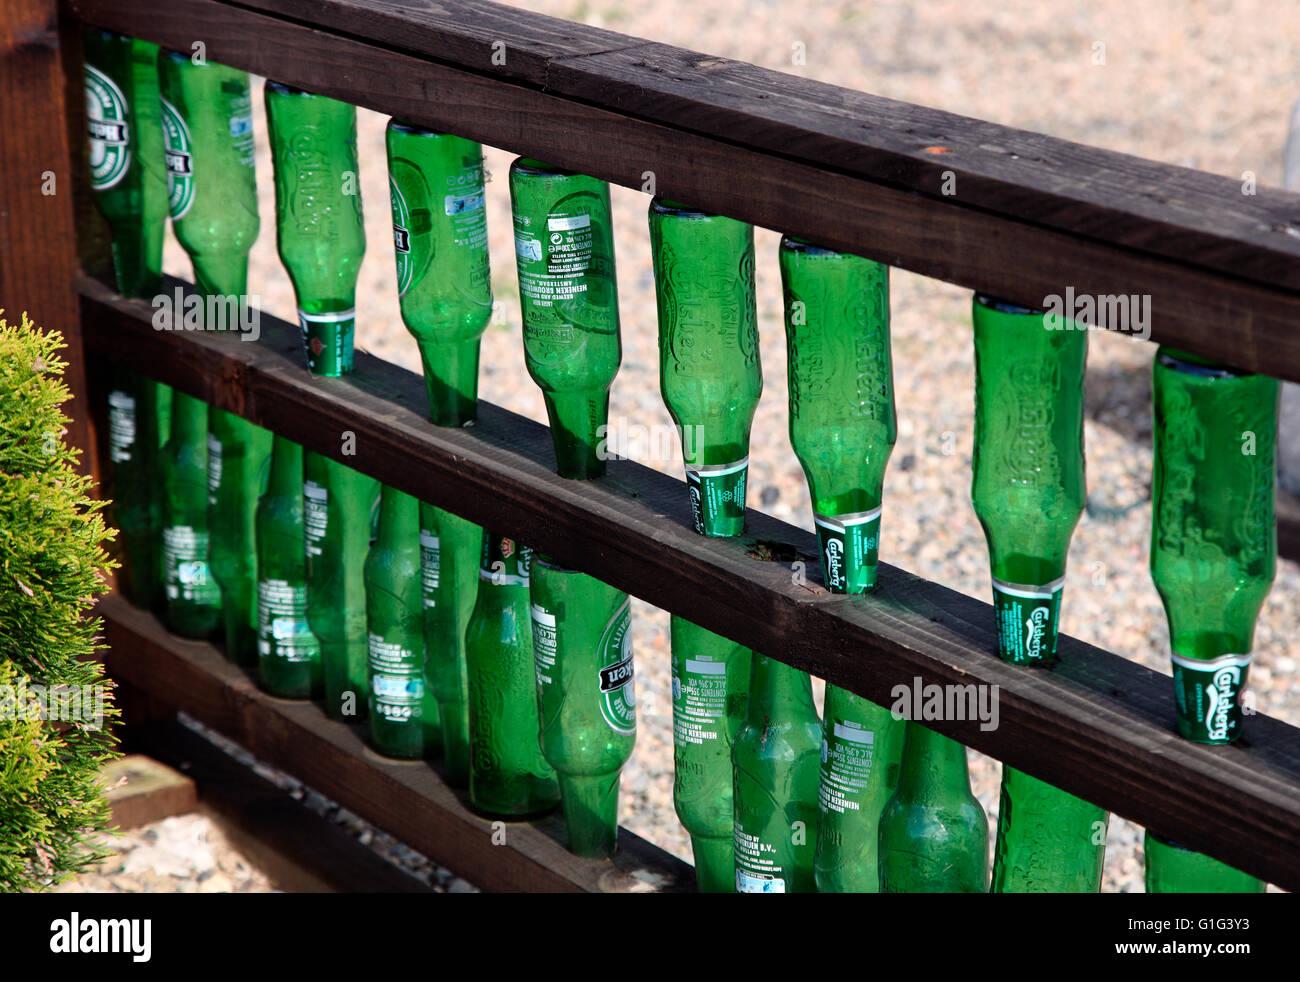 Grune Flasche Zaun Am Carrickmacross Gemeinschaft Kleingarten